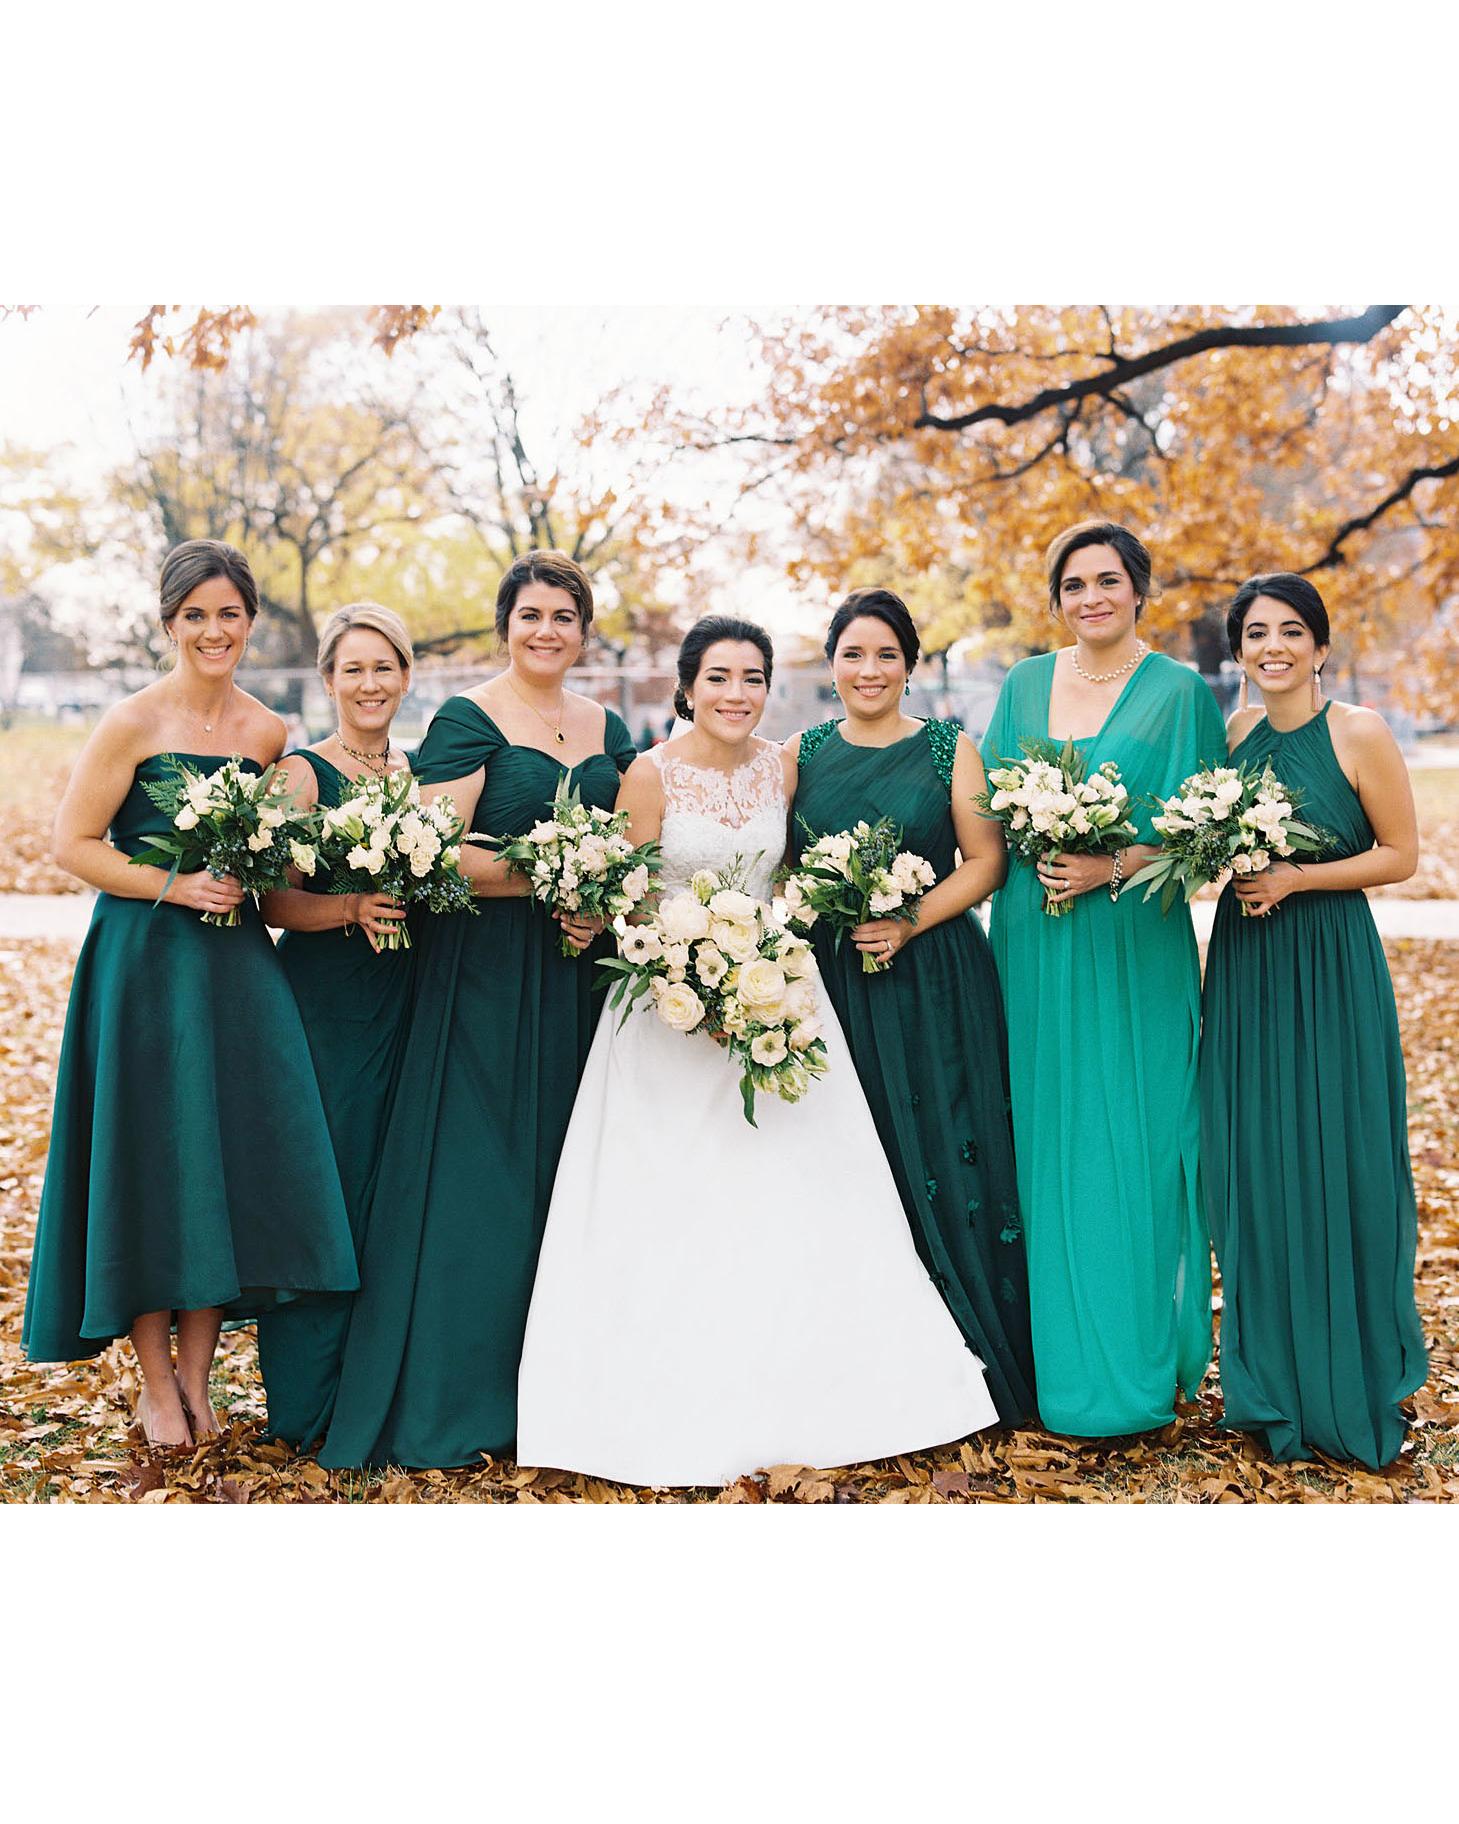 celina rob wedding virginia bridesmaids